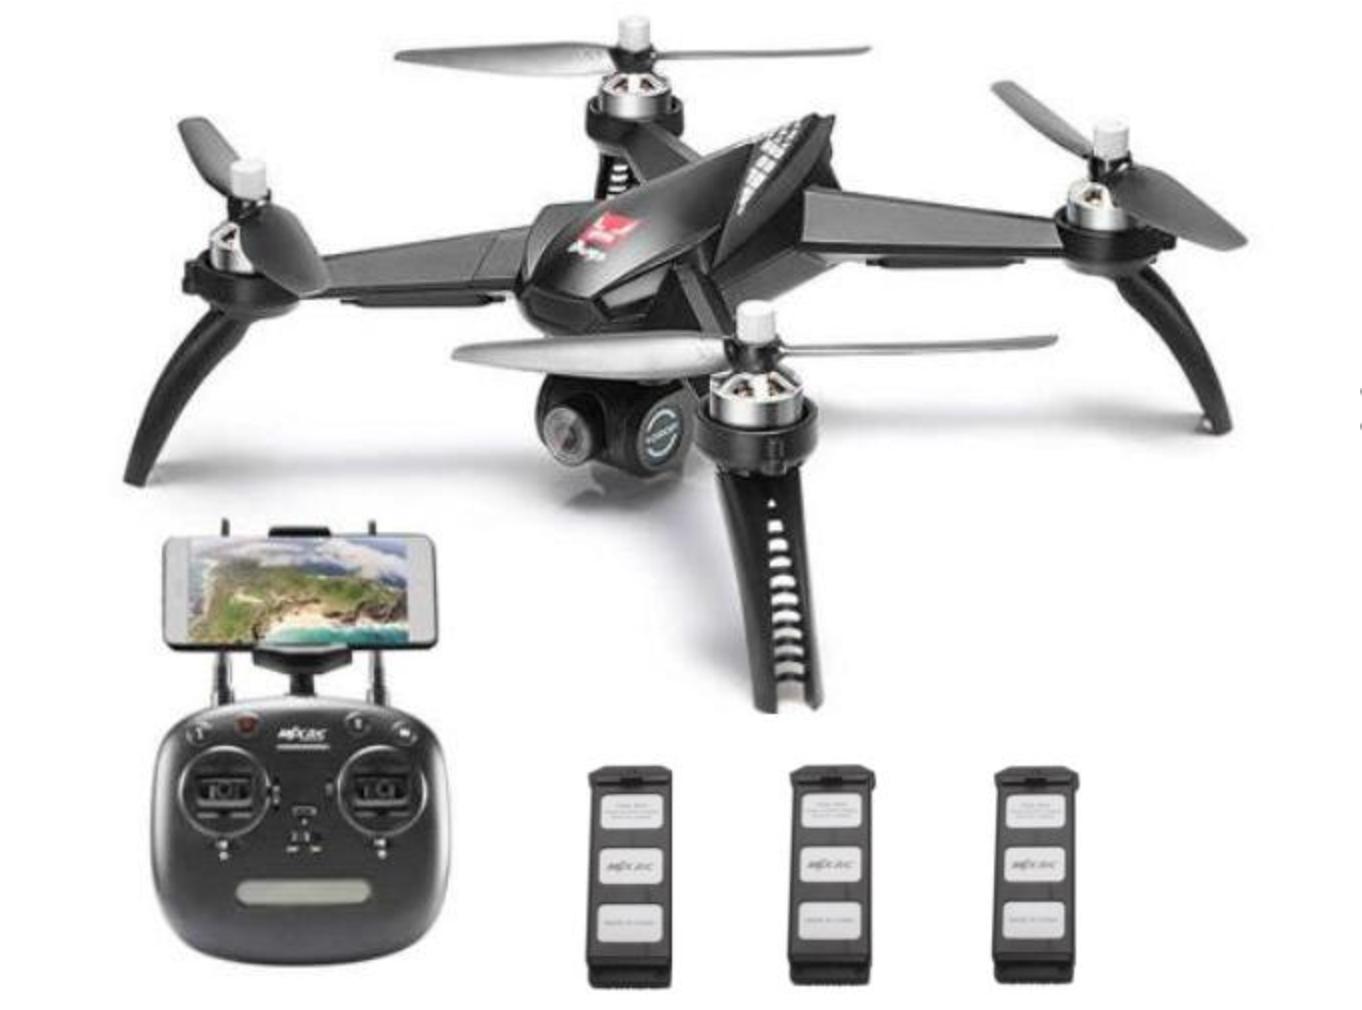 MJX BUGS B5Wブラシレスモーター GPS搭載ドローン レビュー